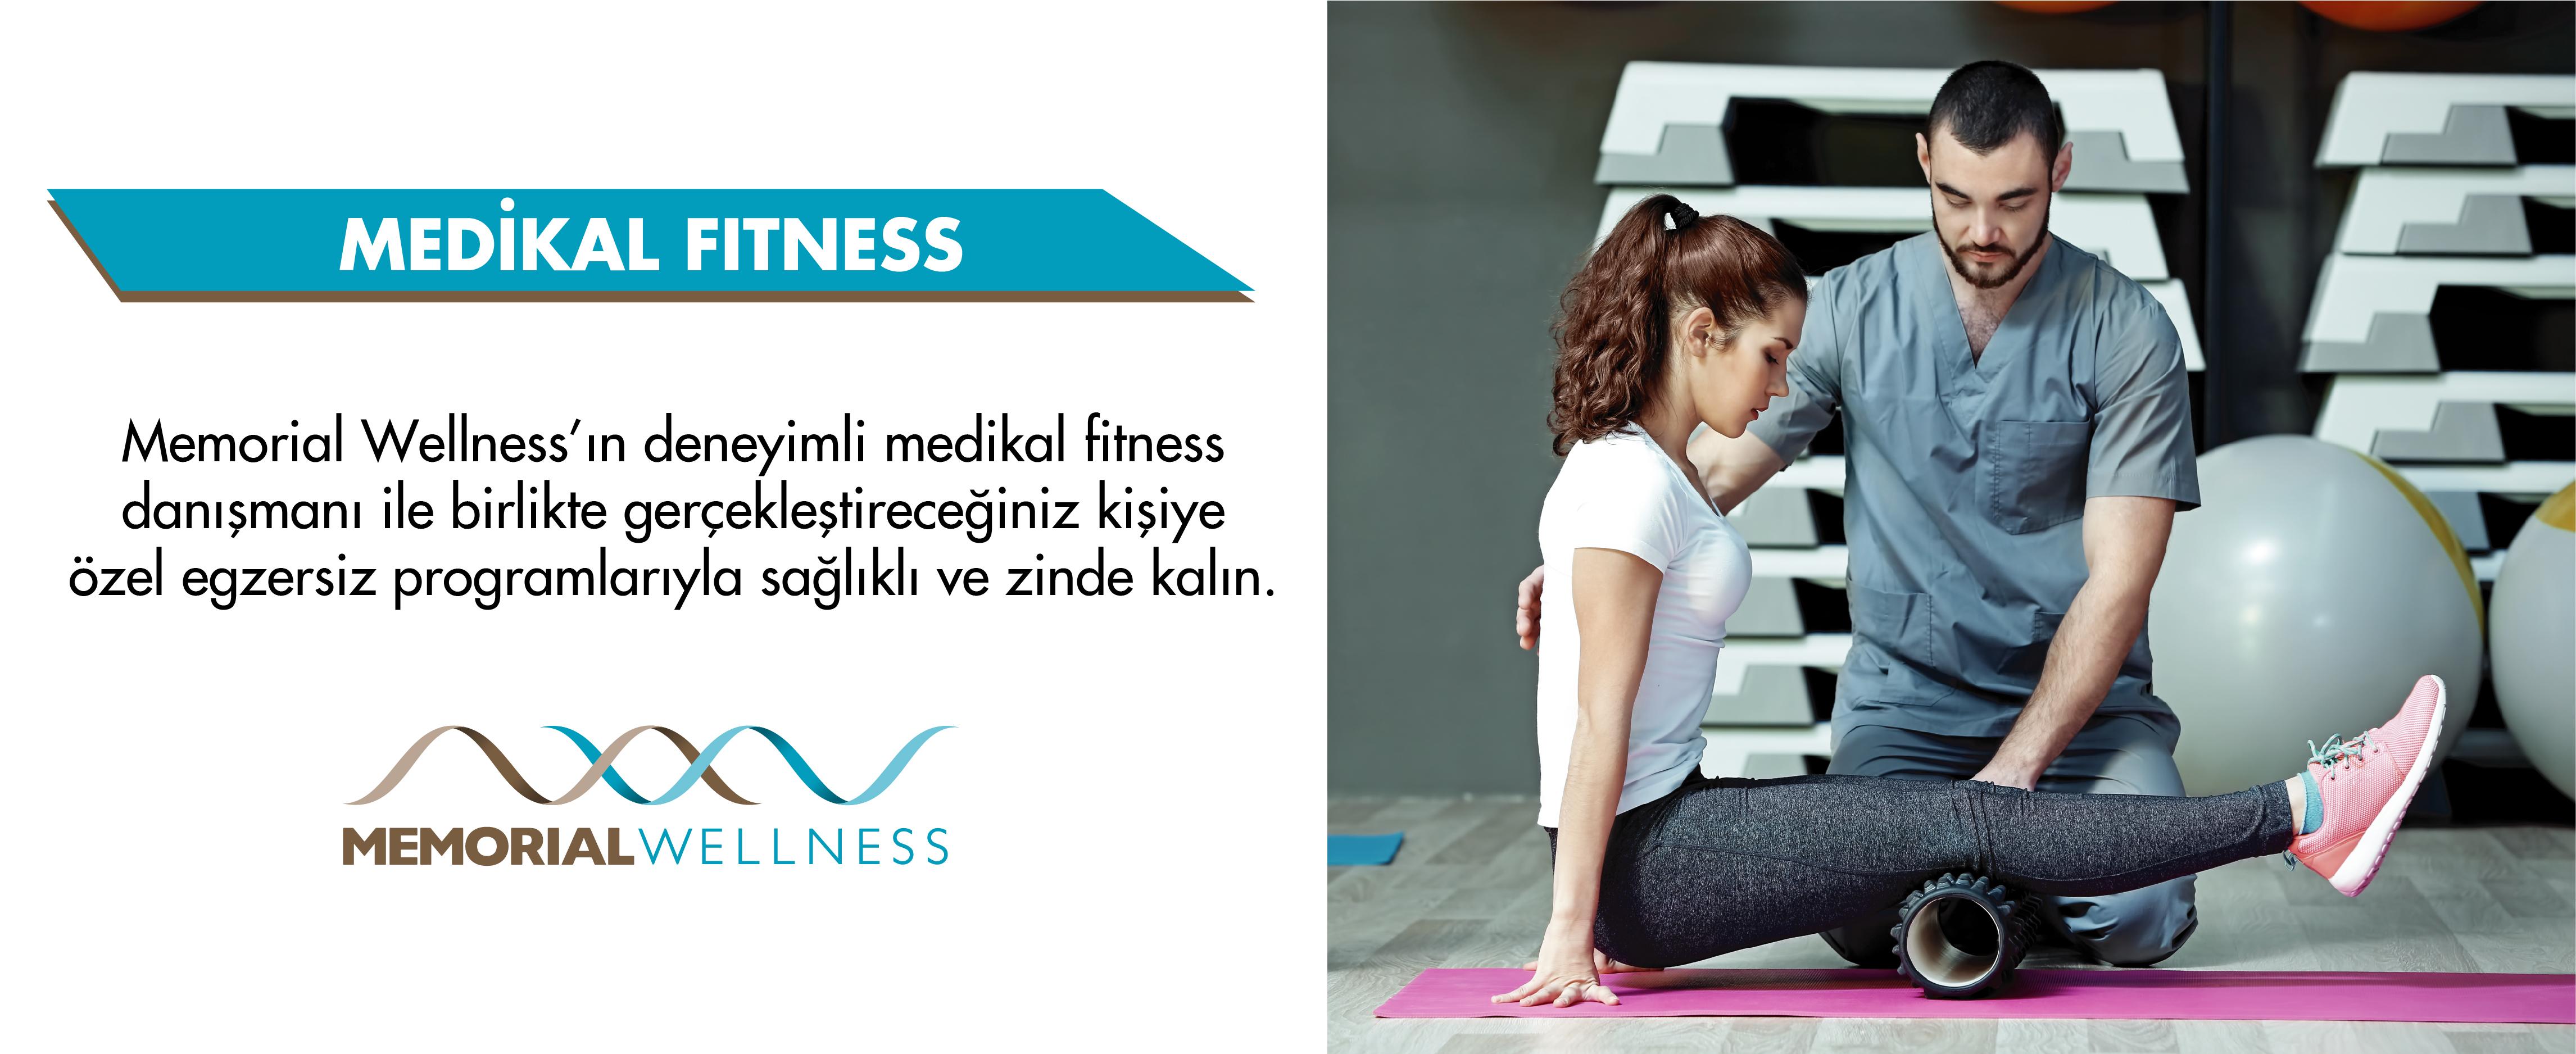 Medikal fitness